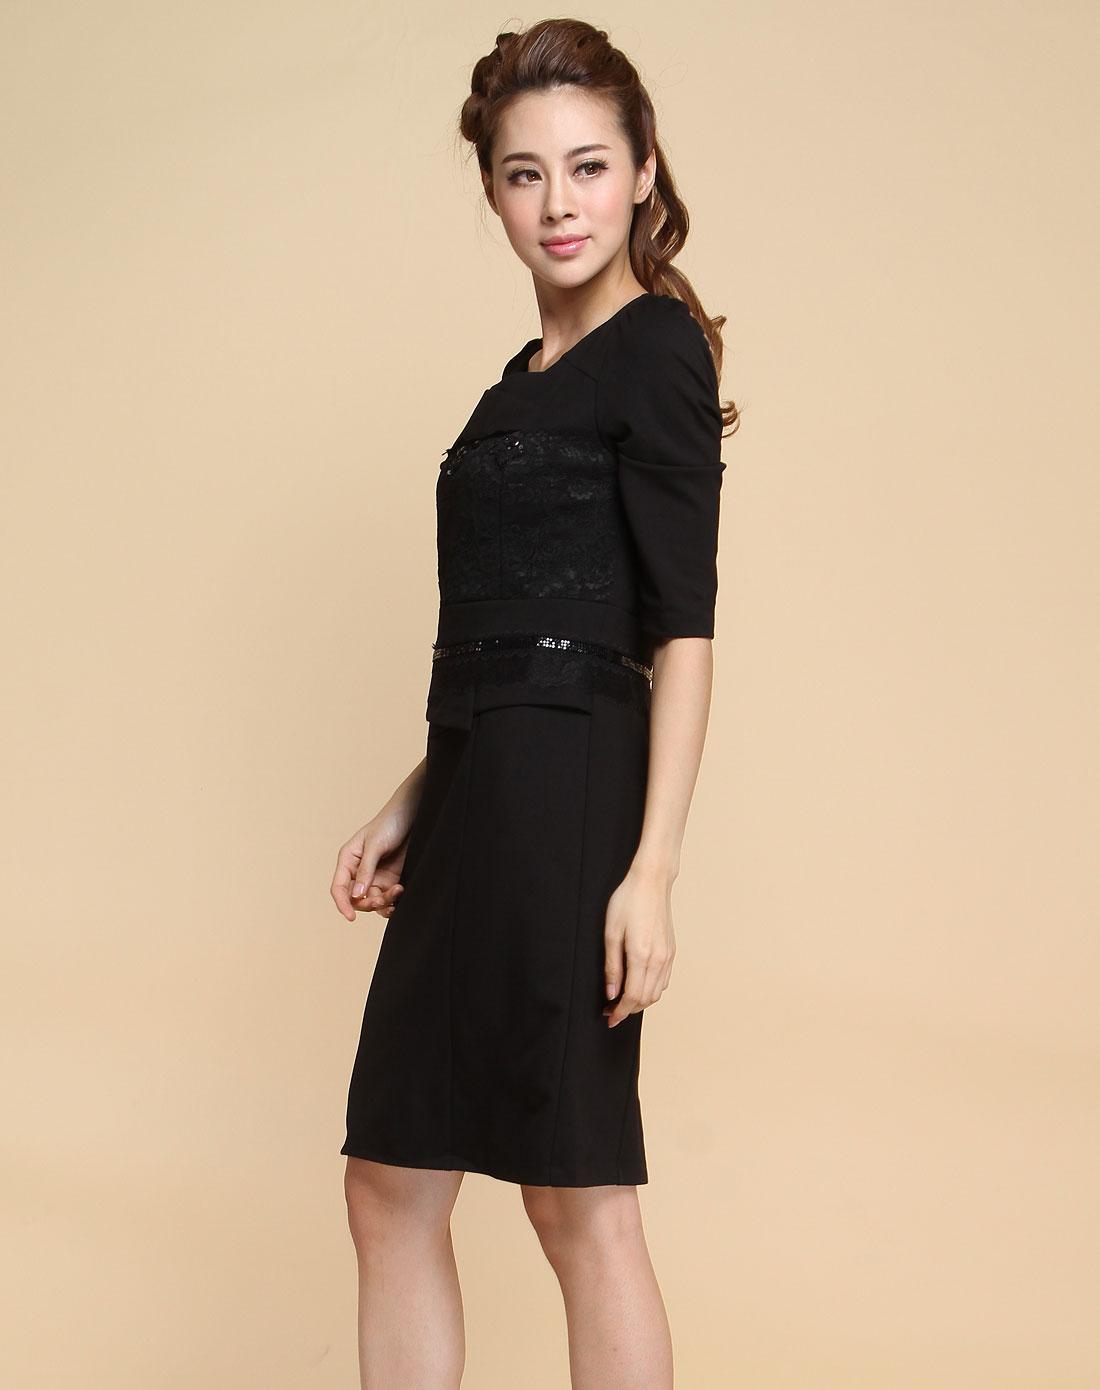 袖时尚_黑色时尚蕾丝钉珠七分袖连衣裙